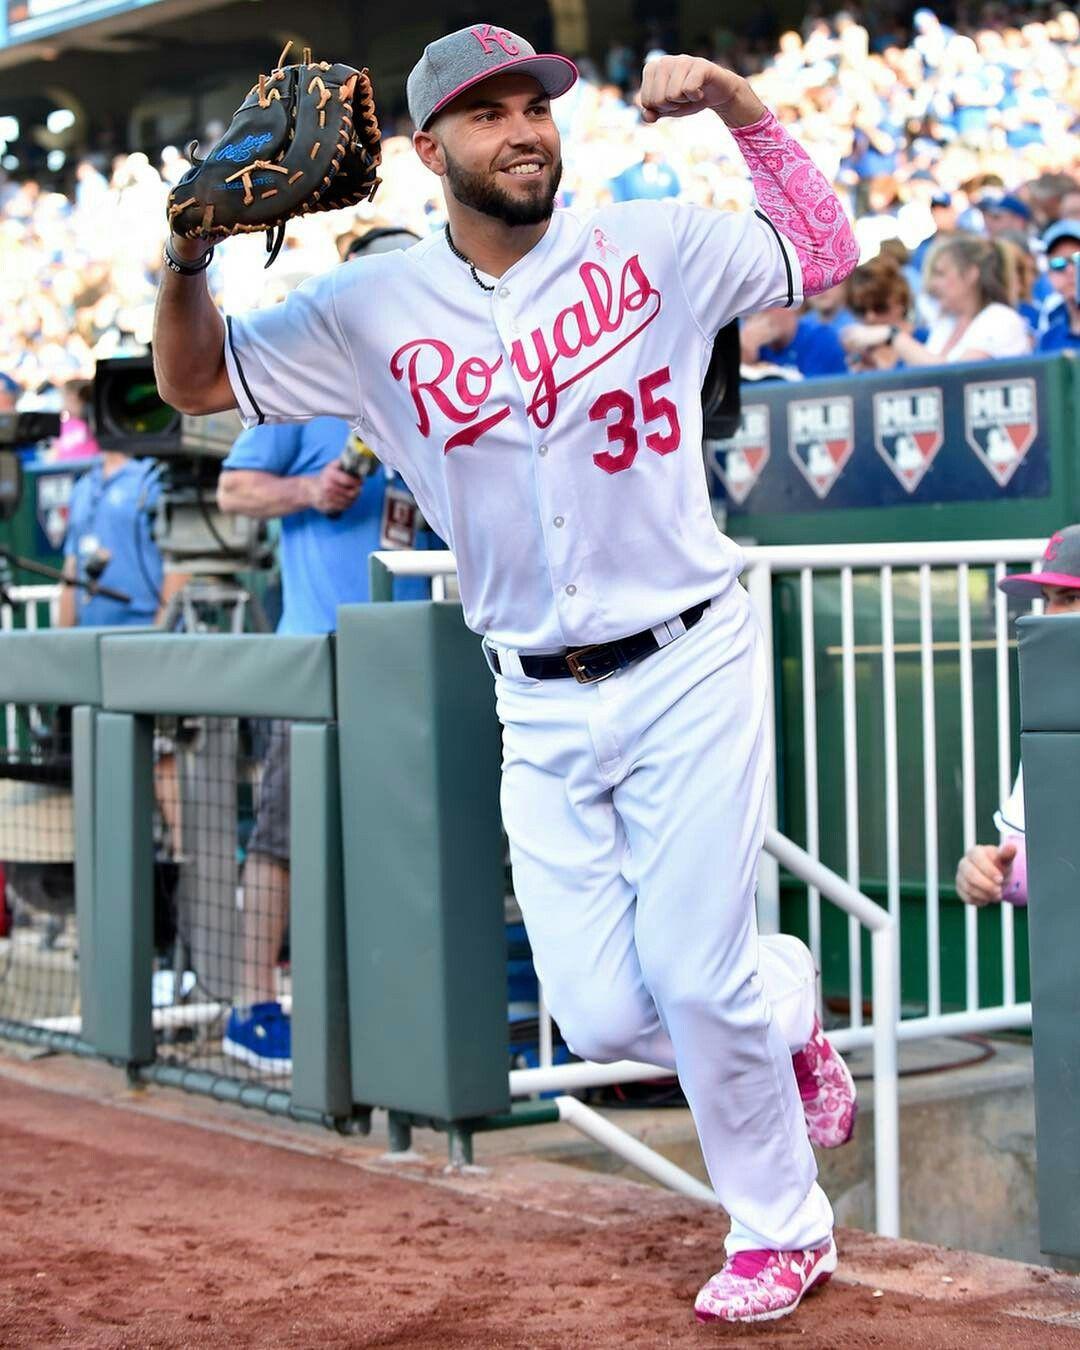 Pin By Courtney Barker On Kc Royals Kansas City Royals Baseball Kc Royals Kc Royals Baseball